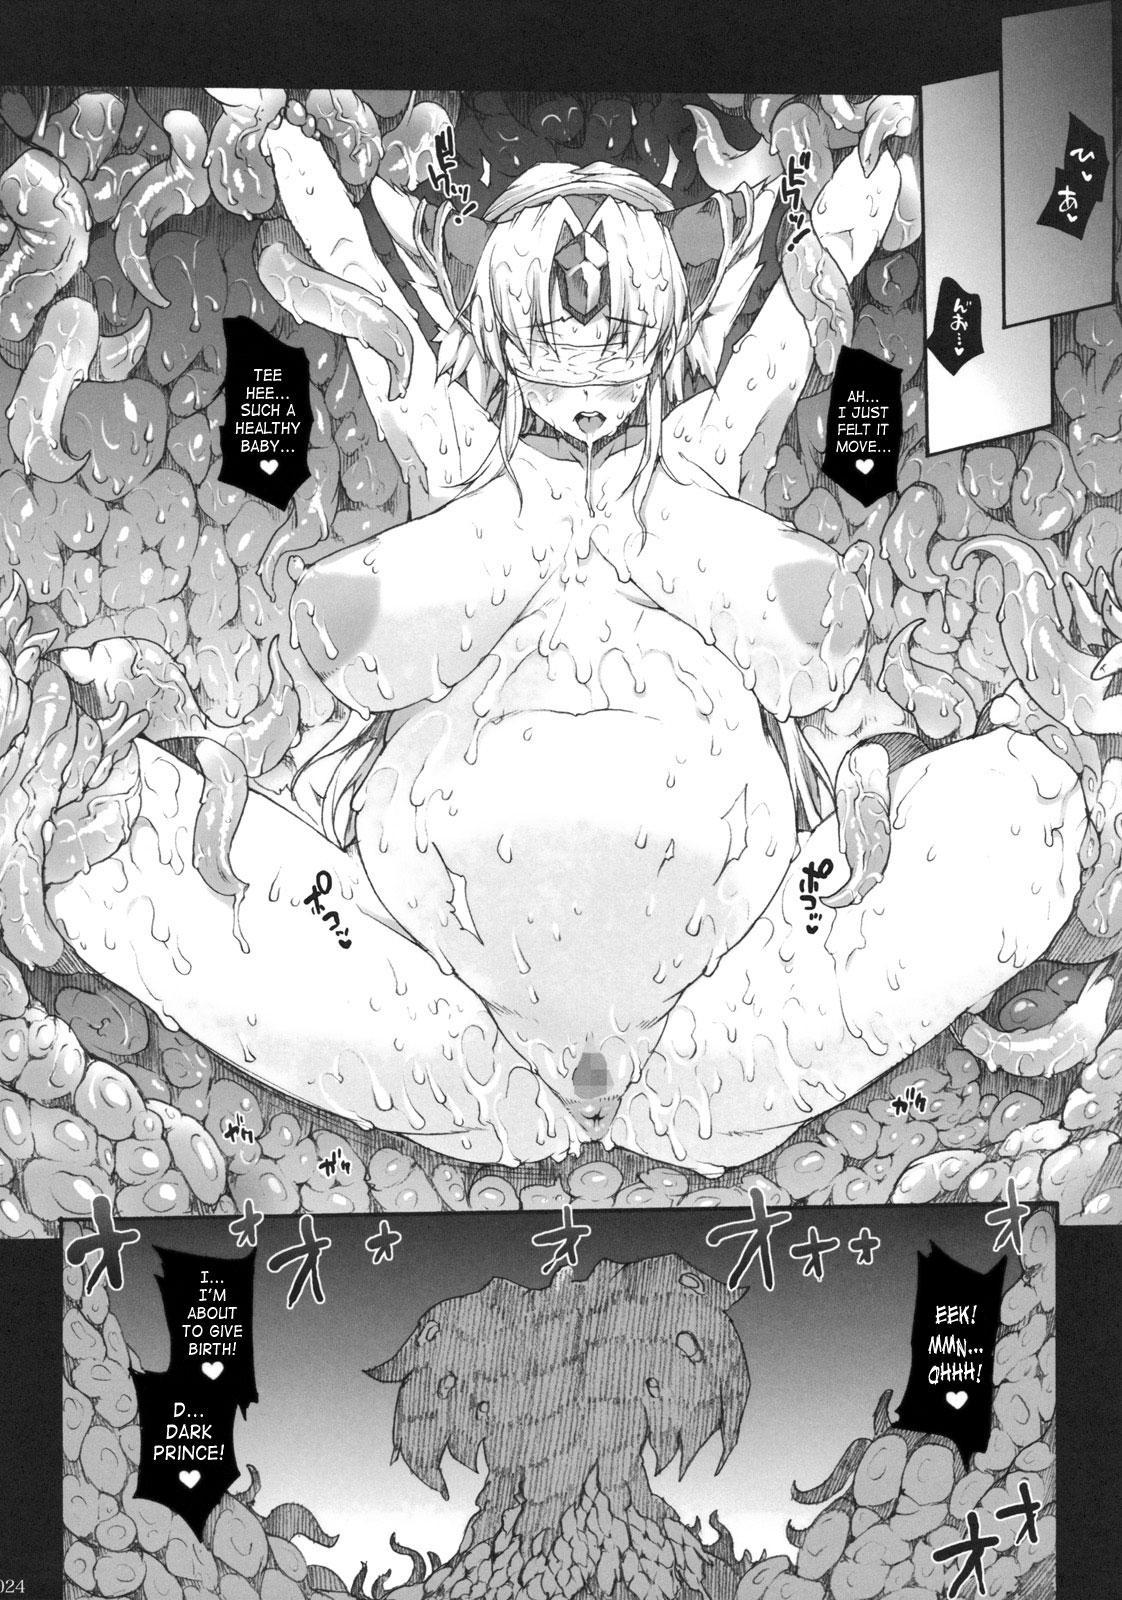 Injiru Oujo IV - Erotic Juice Princess 4 22